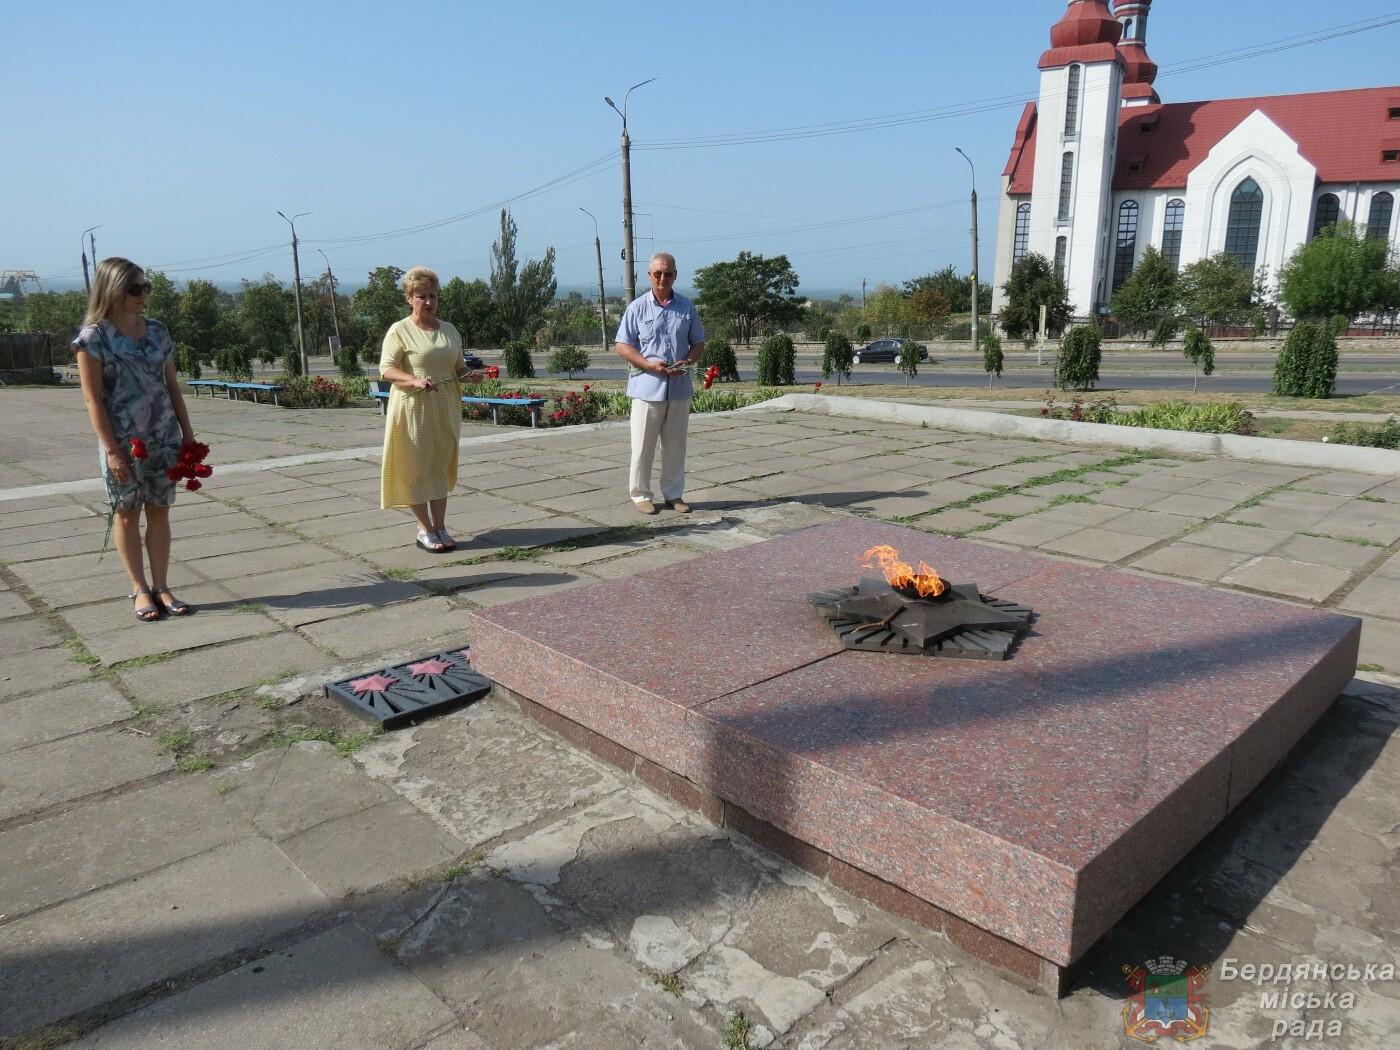 В Бердянске прошло возложение цветов к 75-й годовщине окончания Второй мировой войны, фото-1